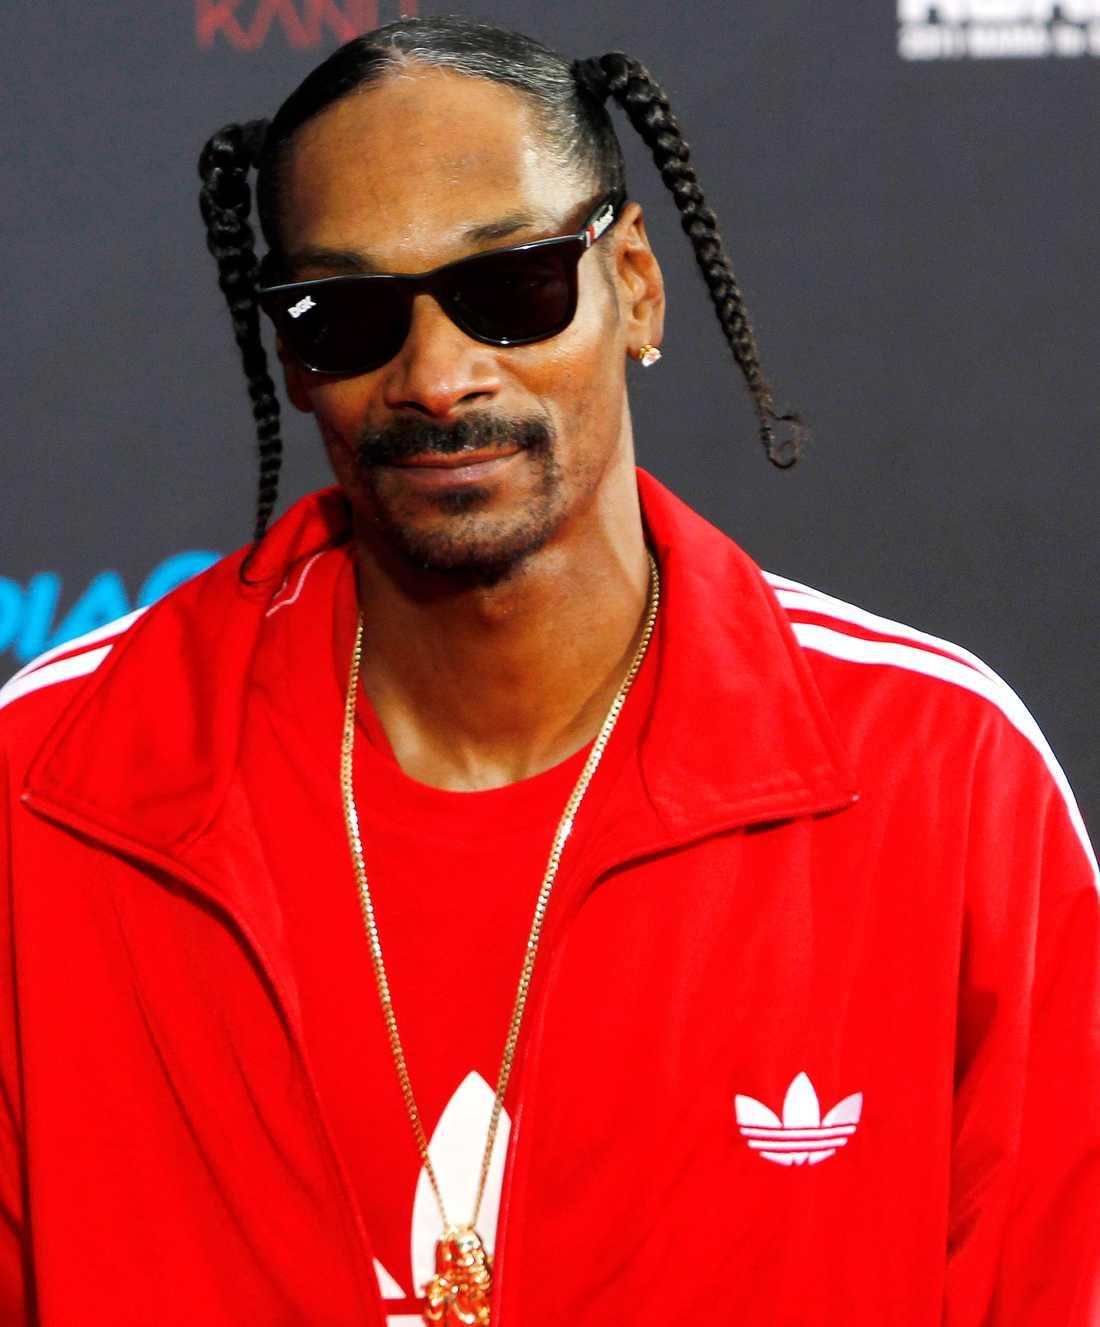 I TRUBBEL IGEN Artisten Snoop Dogg har återigen åkt fast för narkotikainnehav – igen. Den här gången tvingades han böta 40.000 norska kronor.